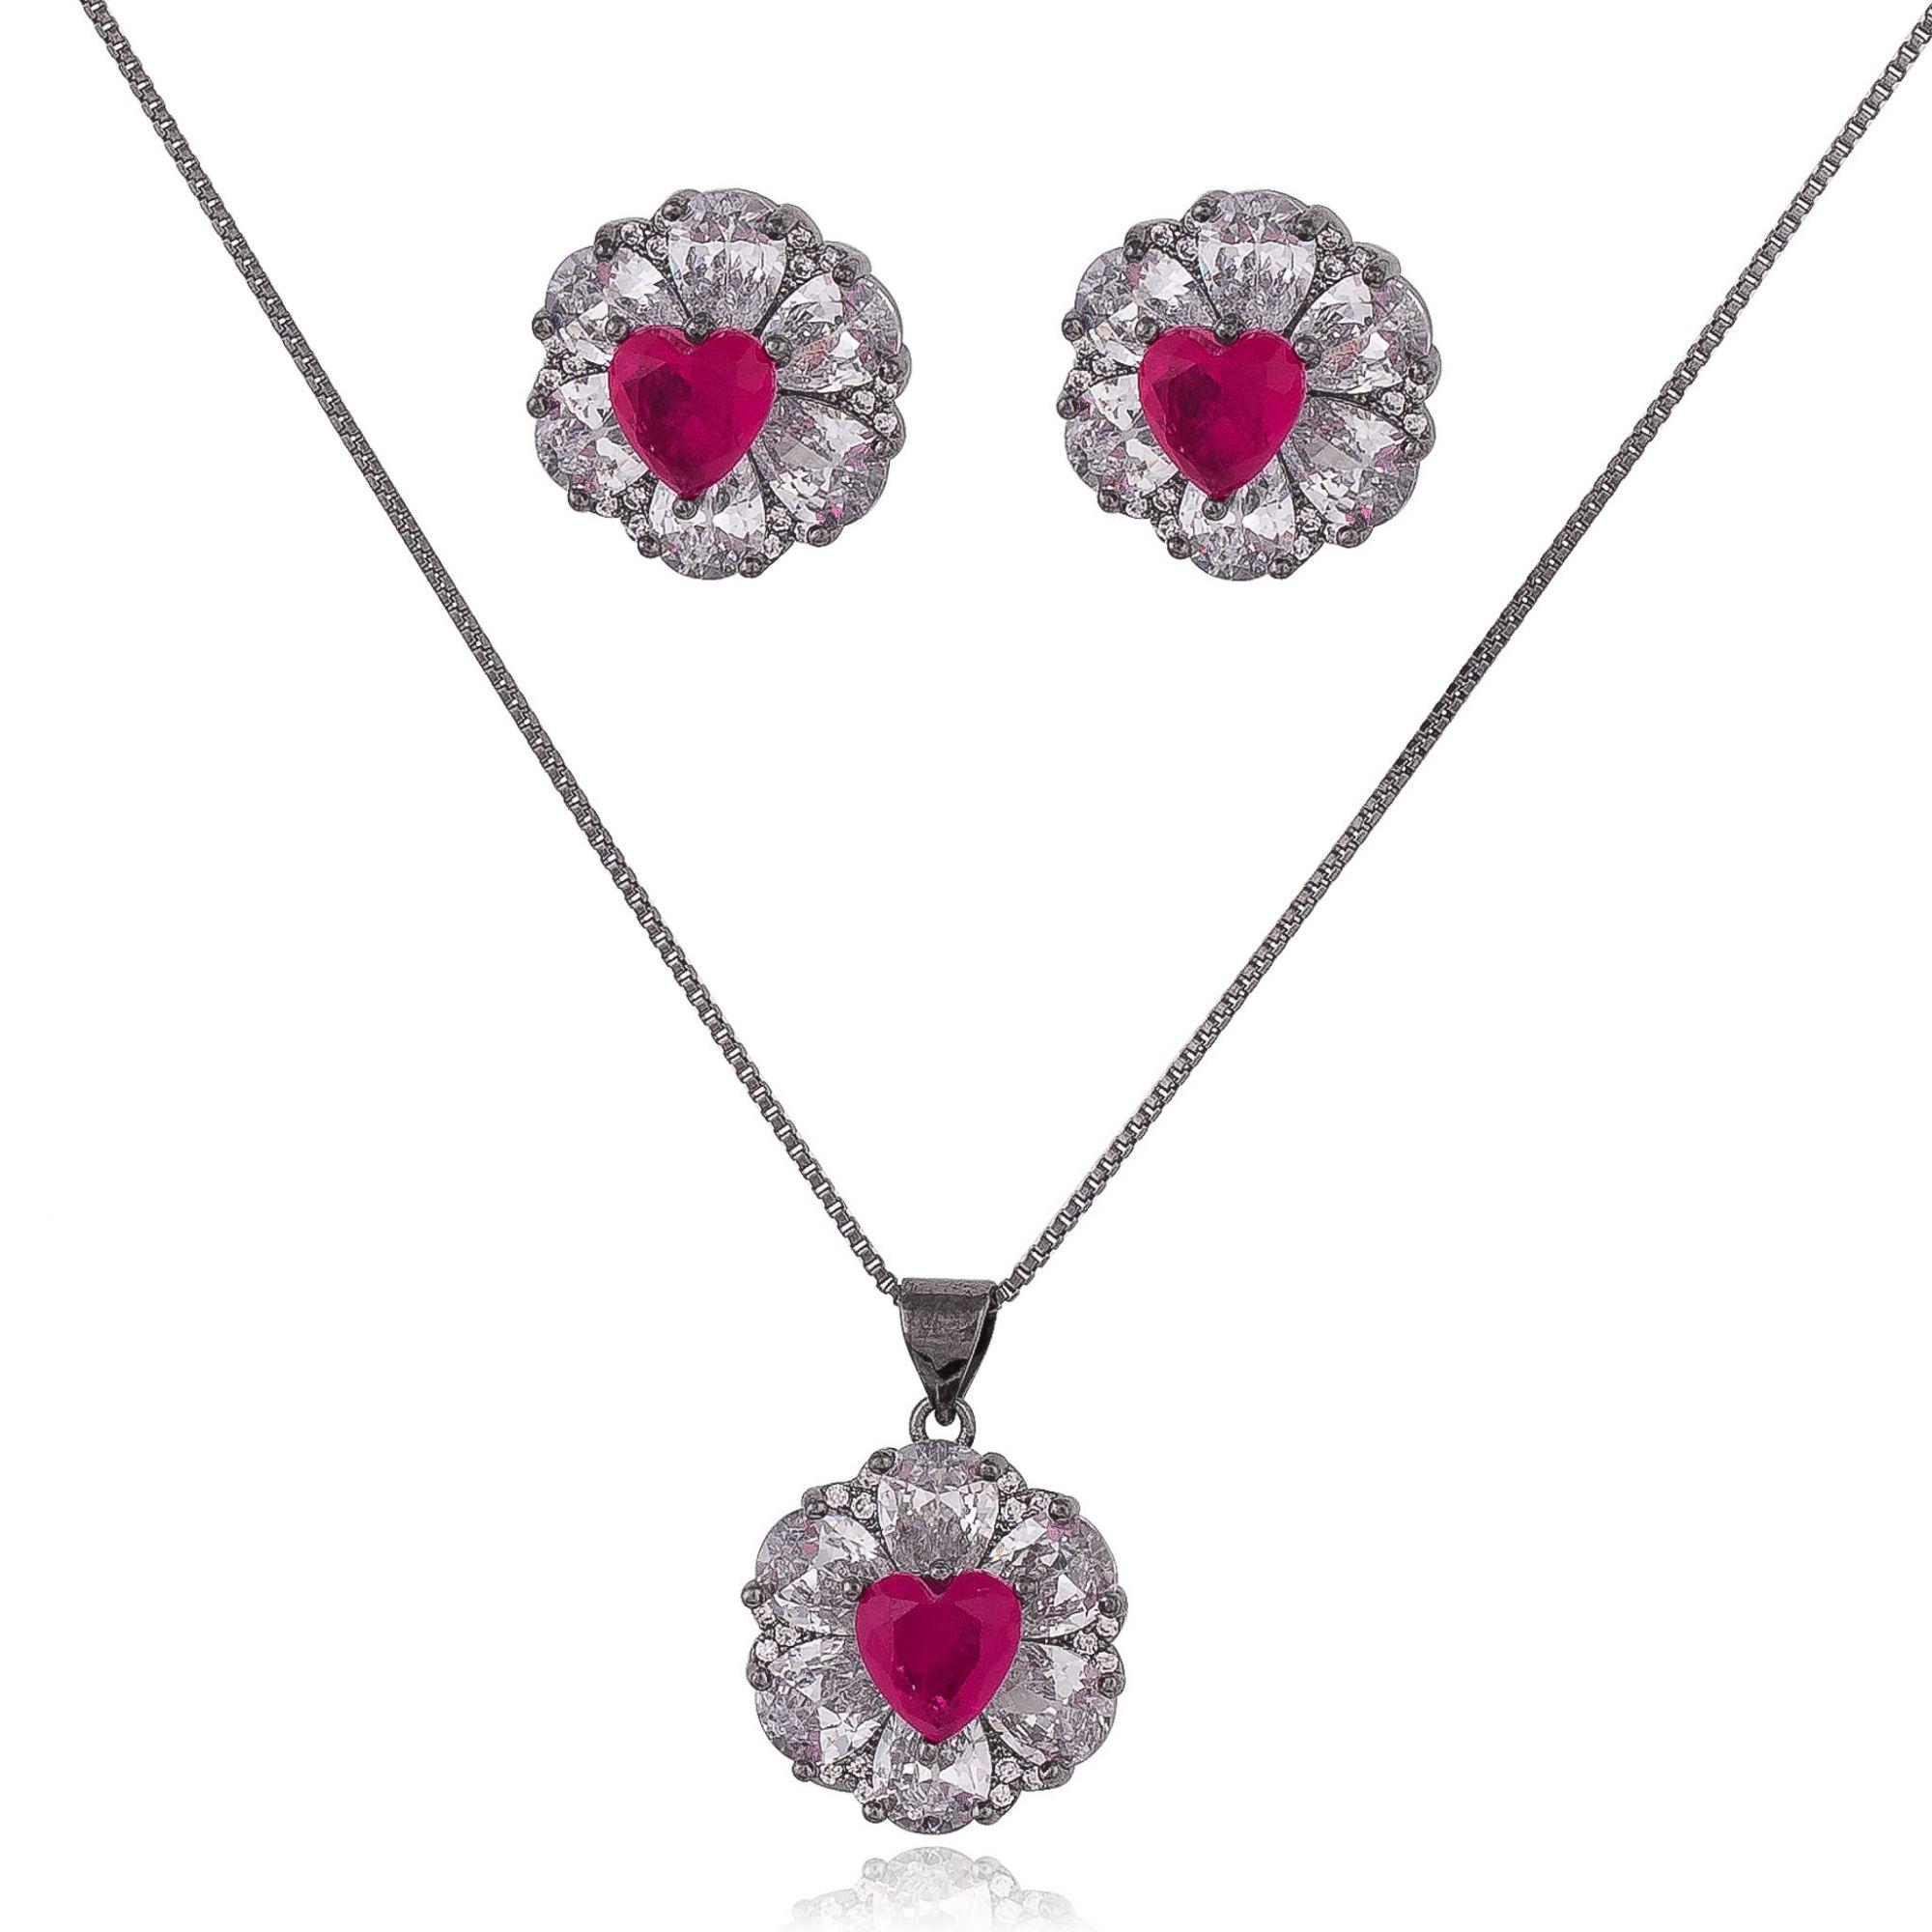 Conjunto com zircônias cristais e coração com pedra fusion cor de rosa banho de grafite.  - romabrazil.com.br